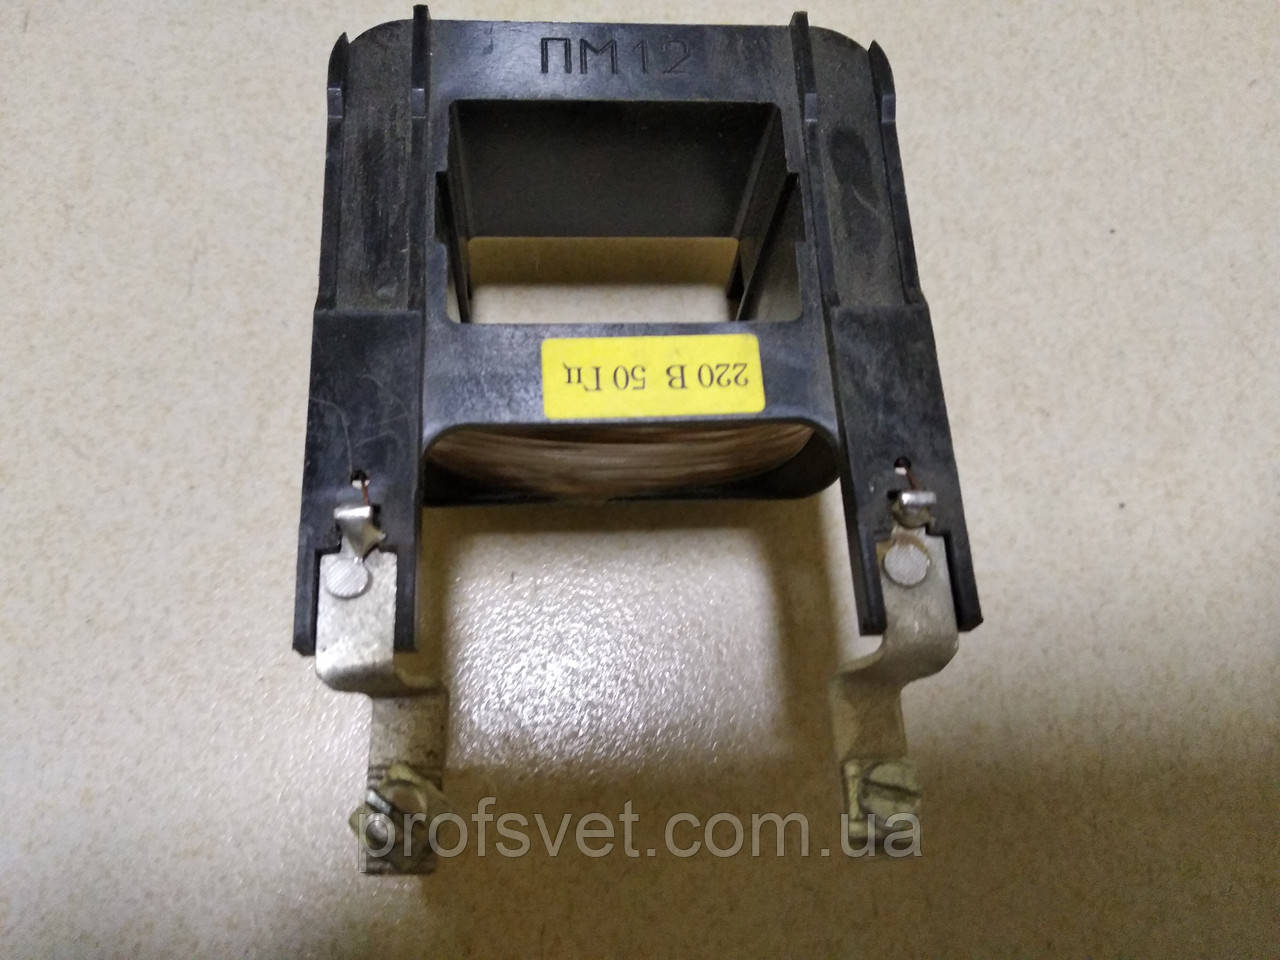 Катушка ПМ12 160А 110В